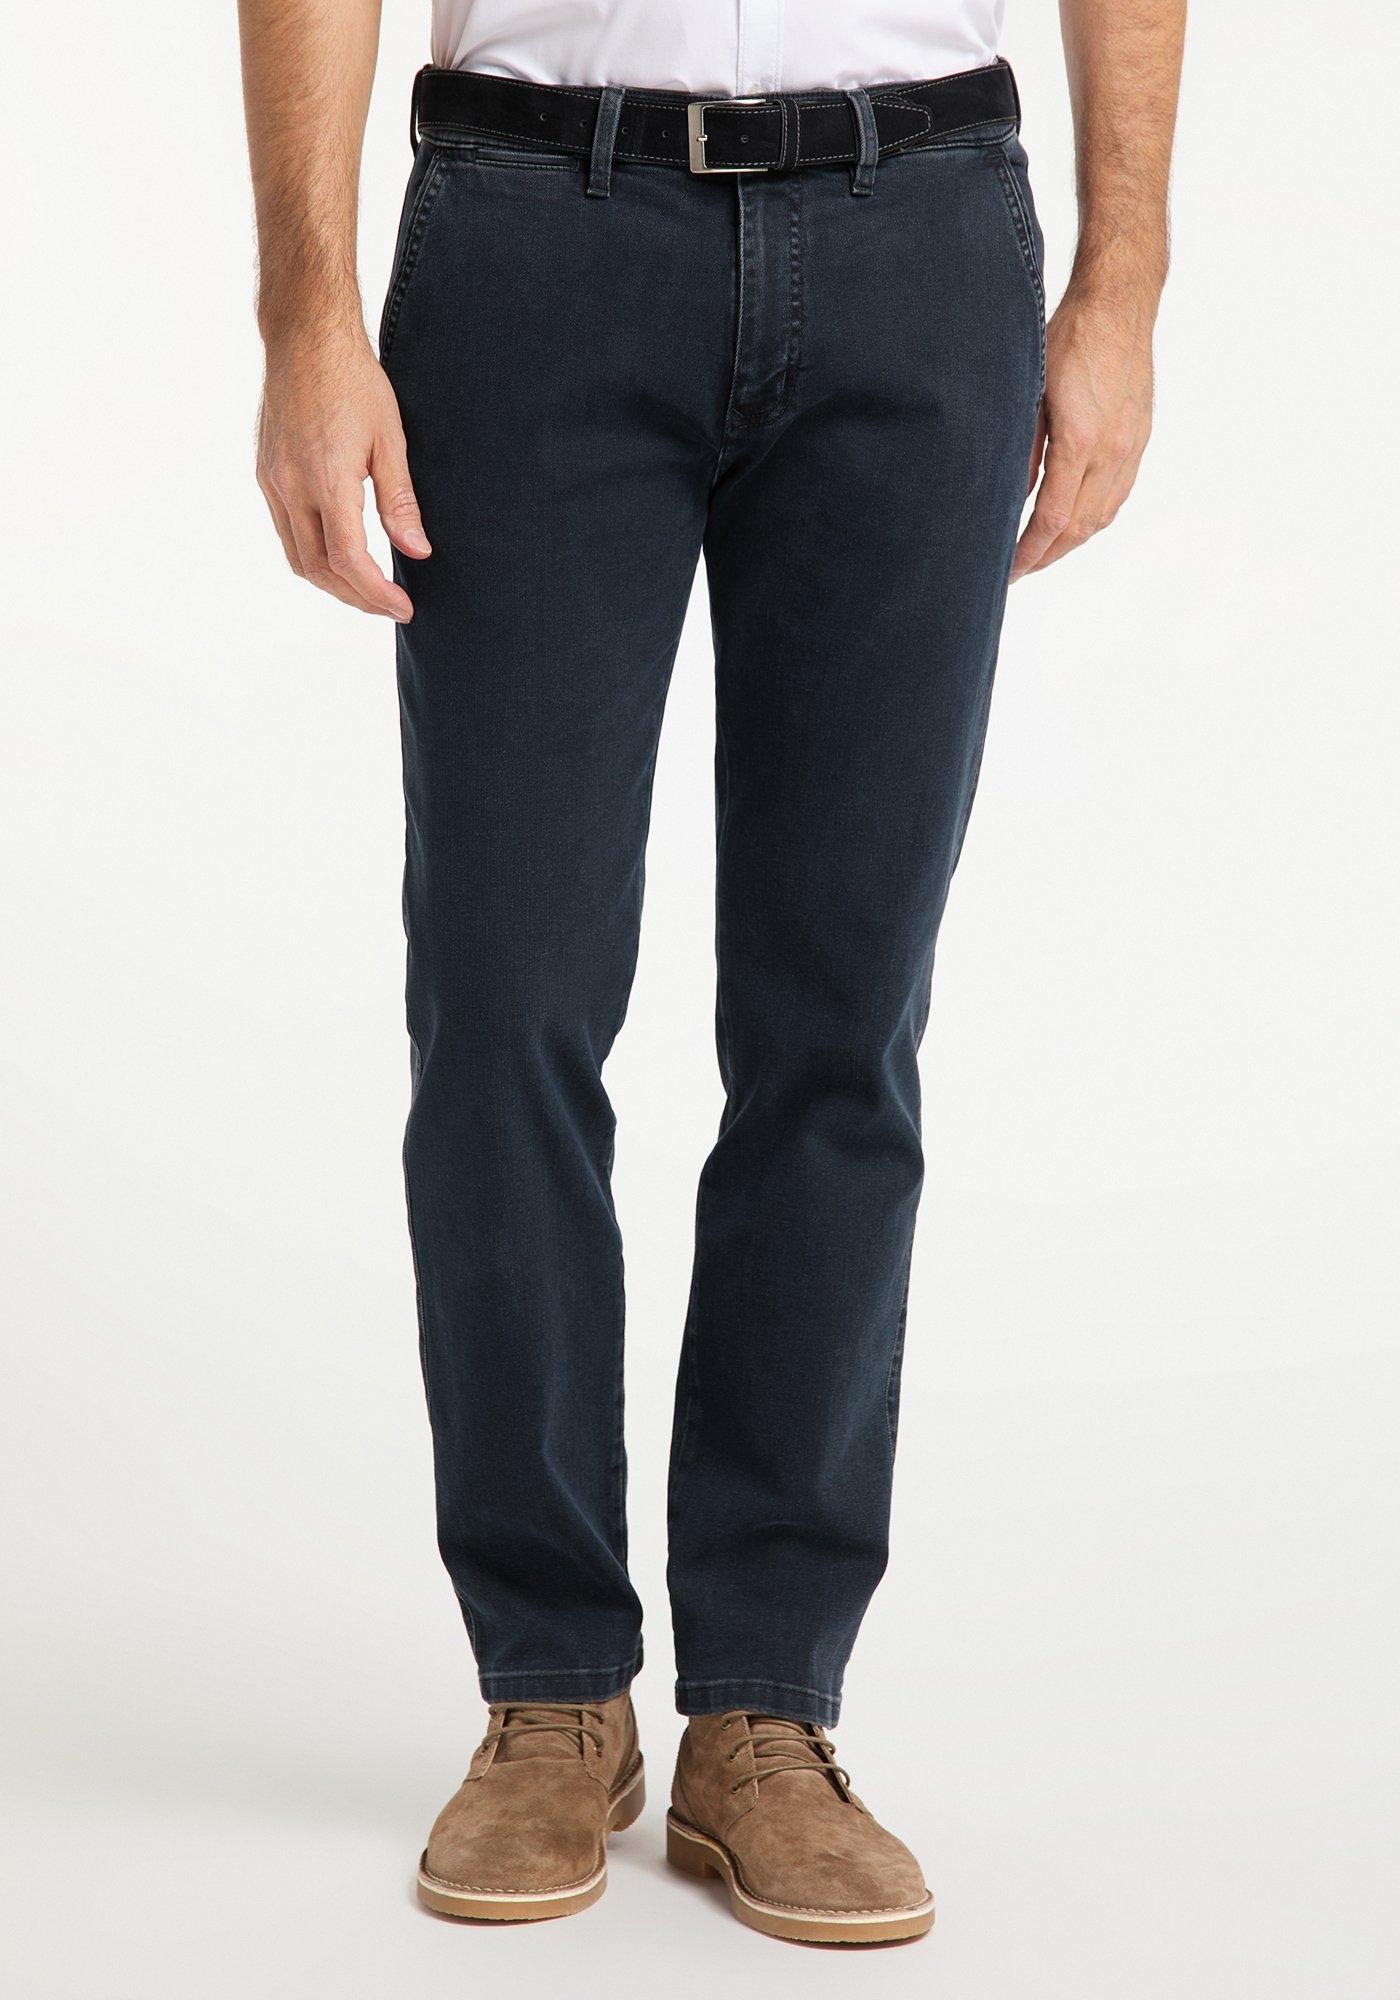 Pioneer Authentic Jeans relax fit jeans »ROBERT Megaflex« nu online kopen bij OTTO